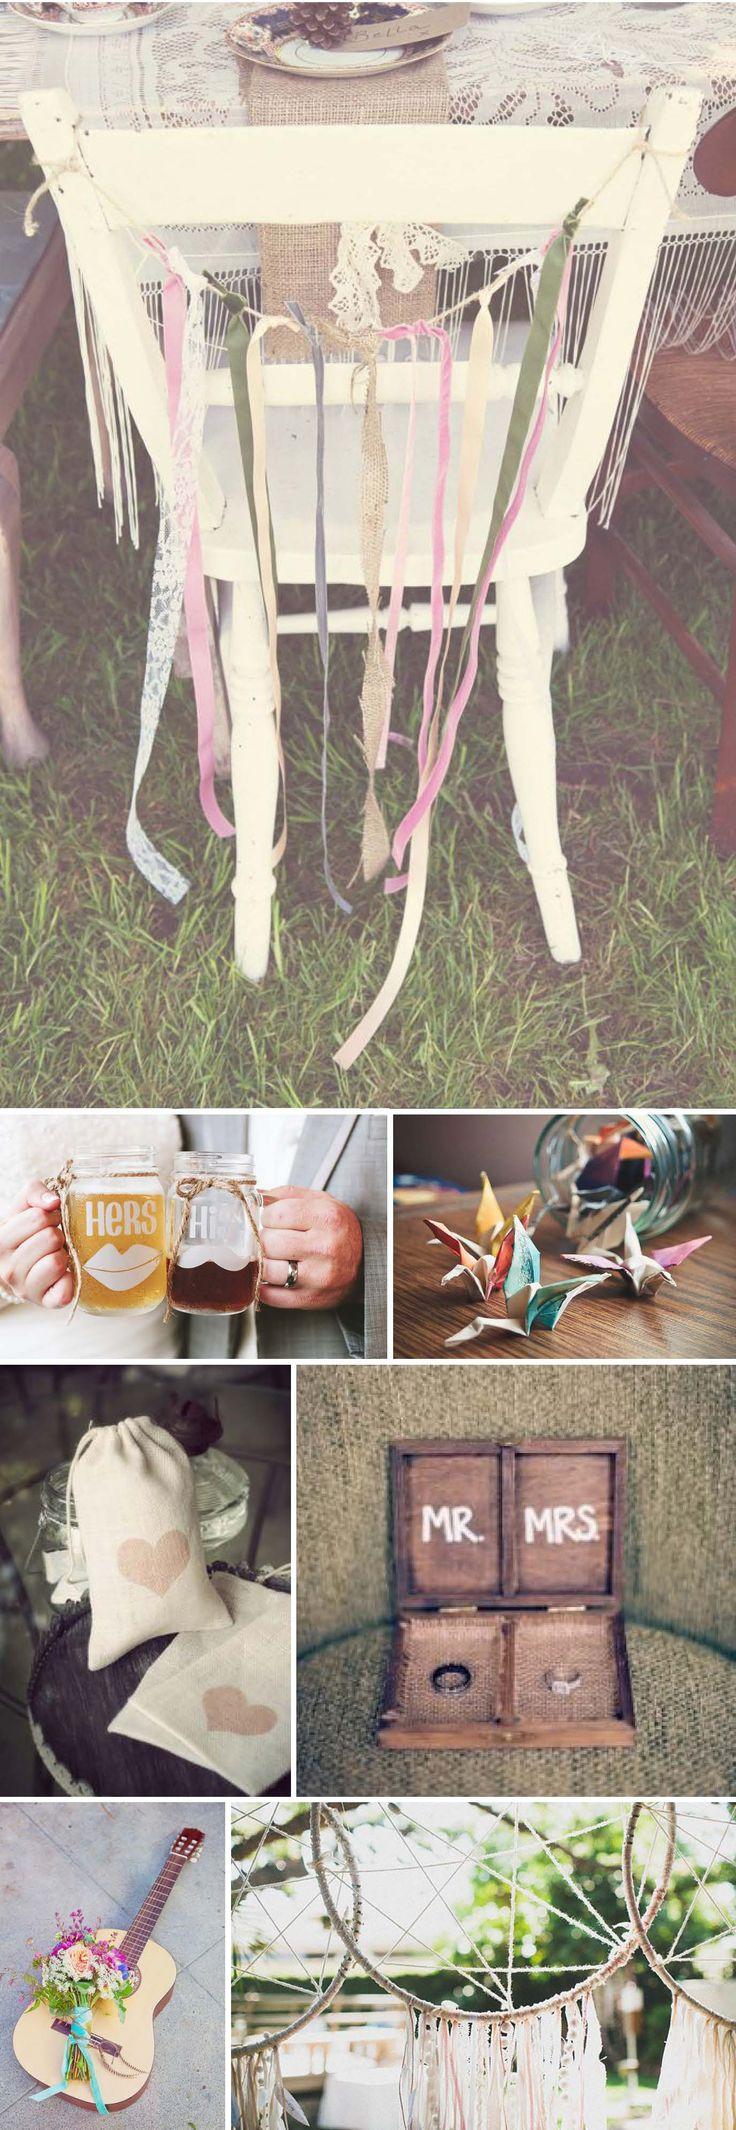 liebelein-will, Hochzeitsblog - Blog, Hochzeit, Hippie Accesoires 7